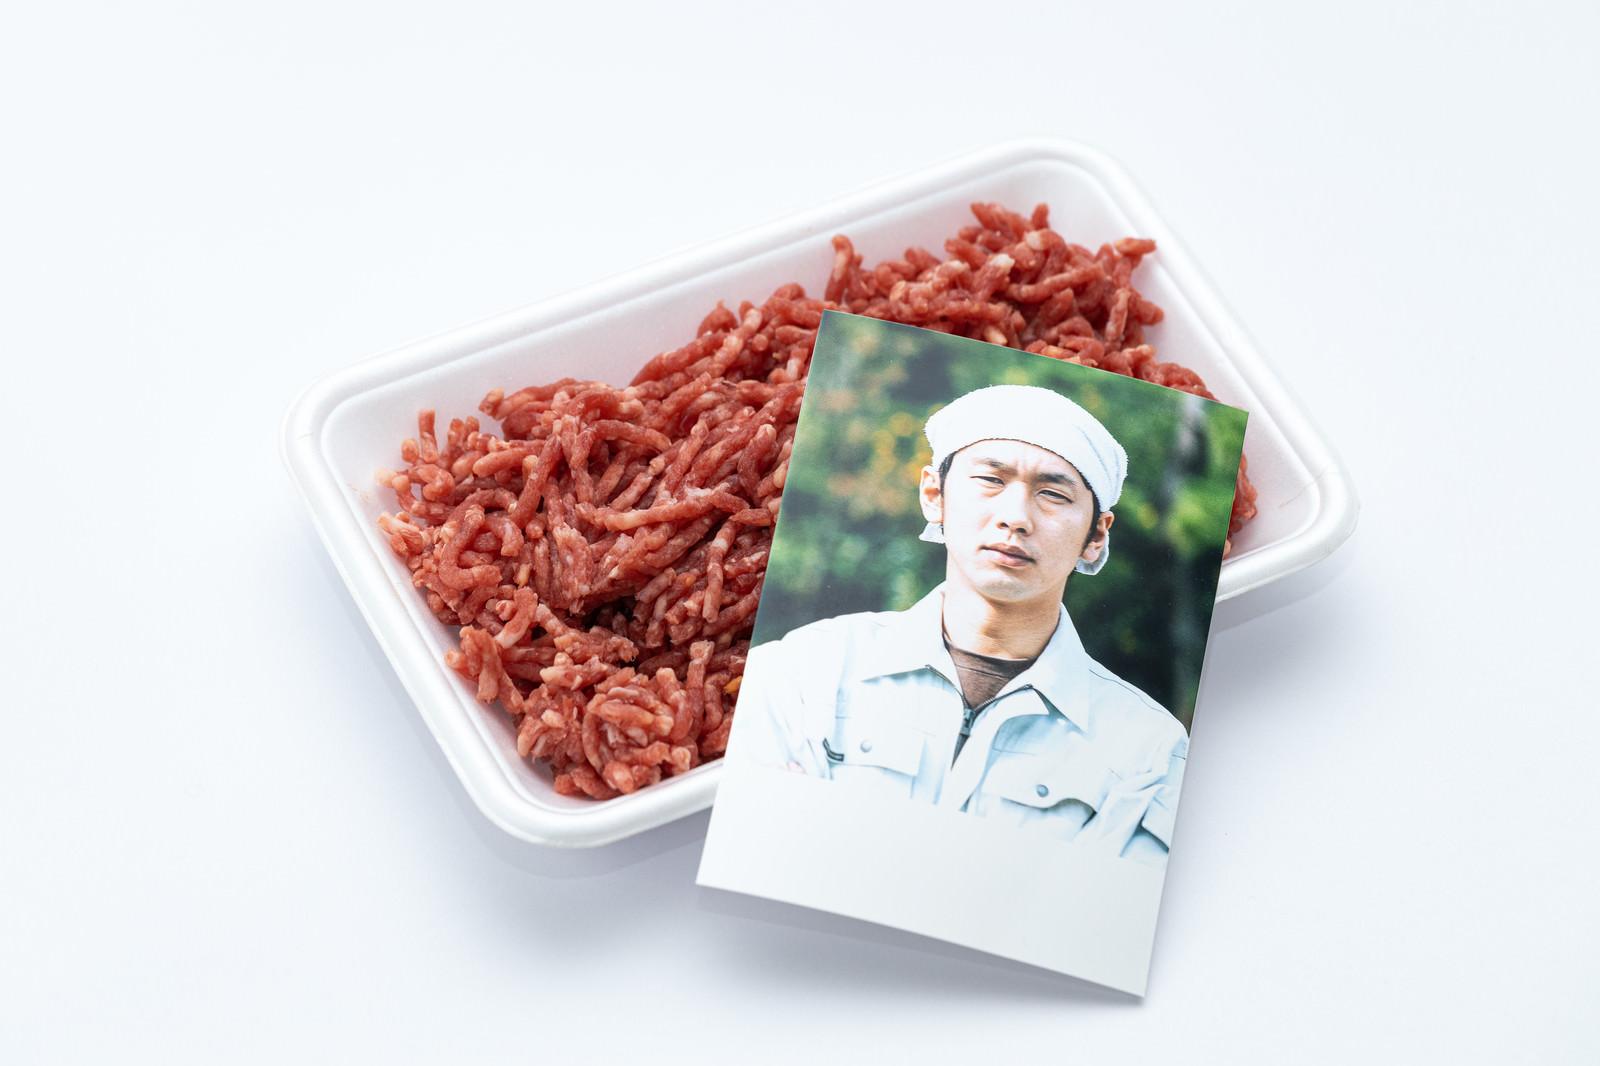 「ミンチ肉と生産者の写真」の写真[モデル:大川竜弥]